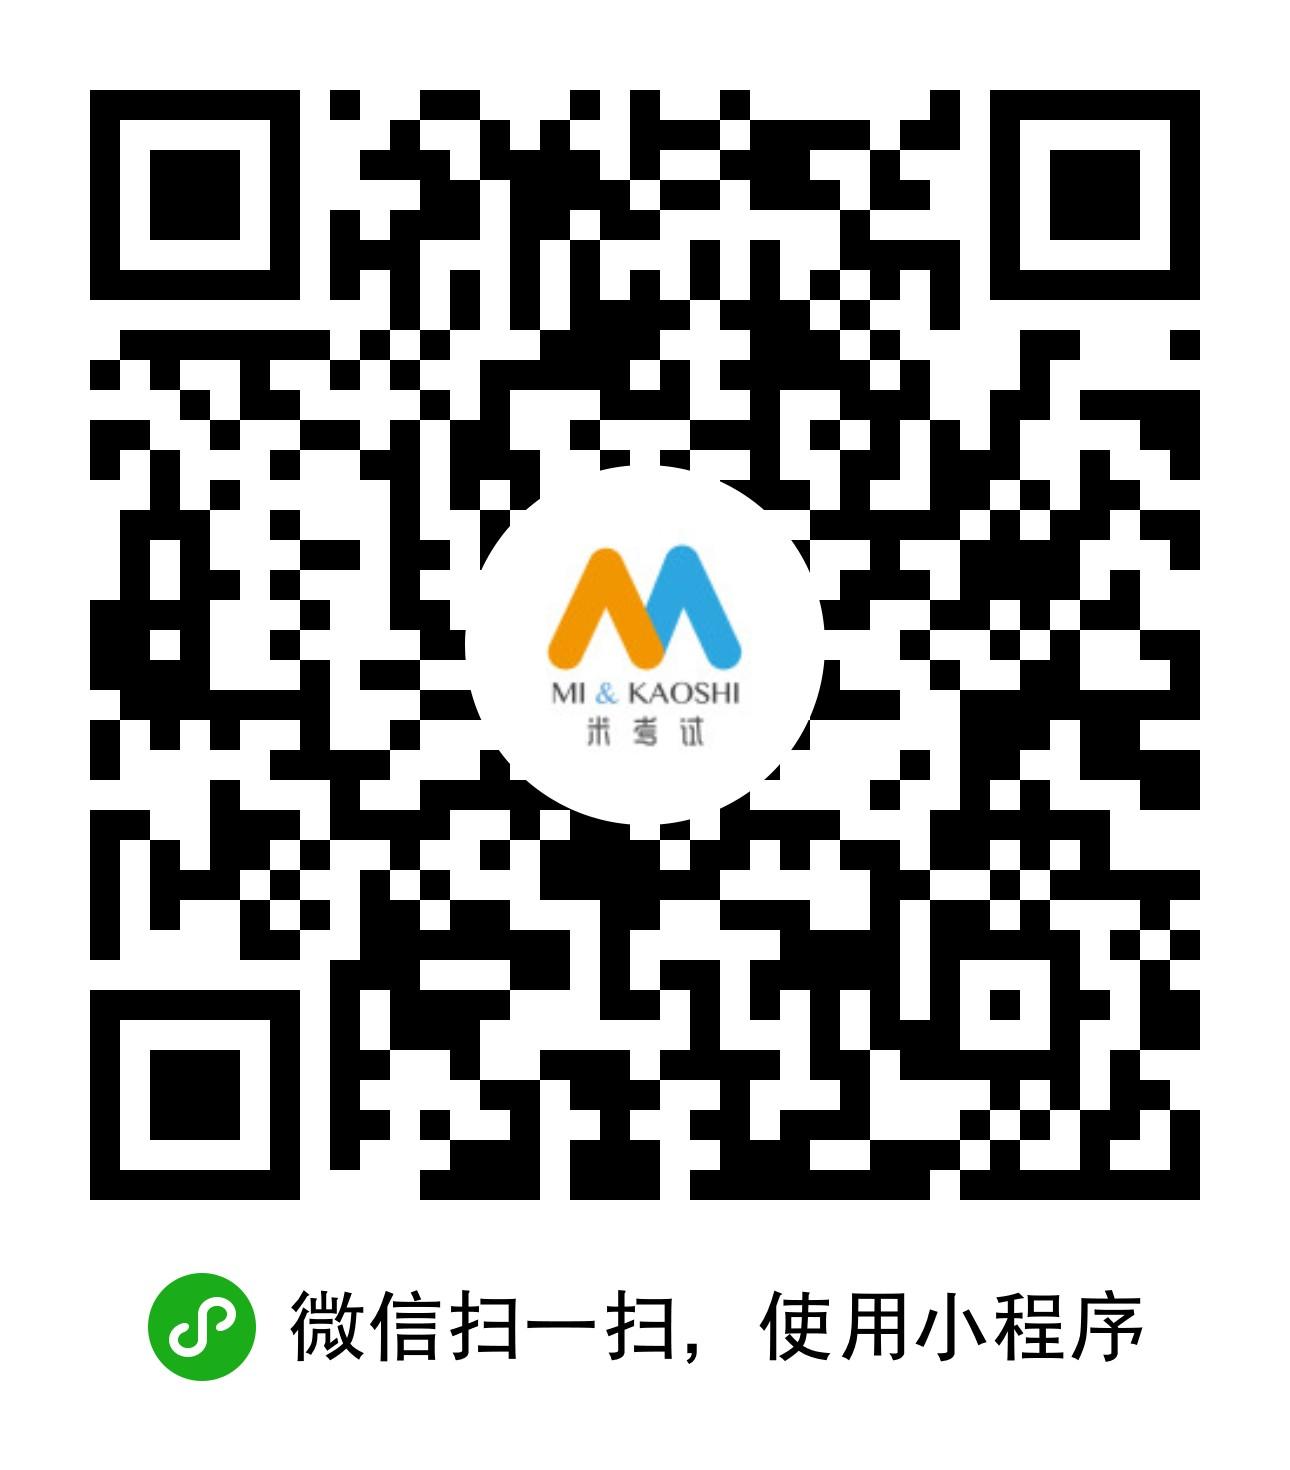 米考试在线-微信小程序二维码